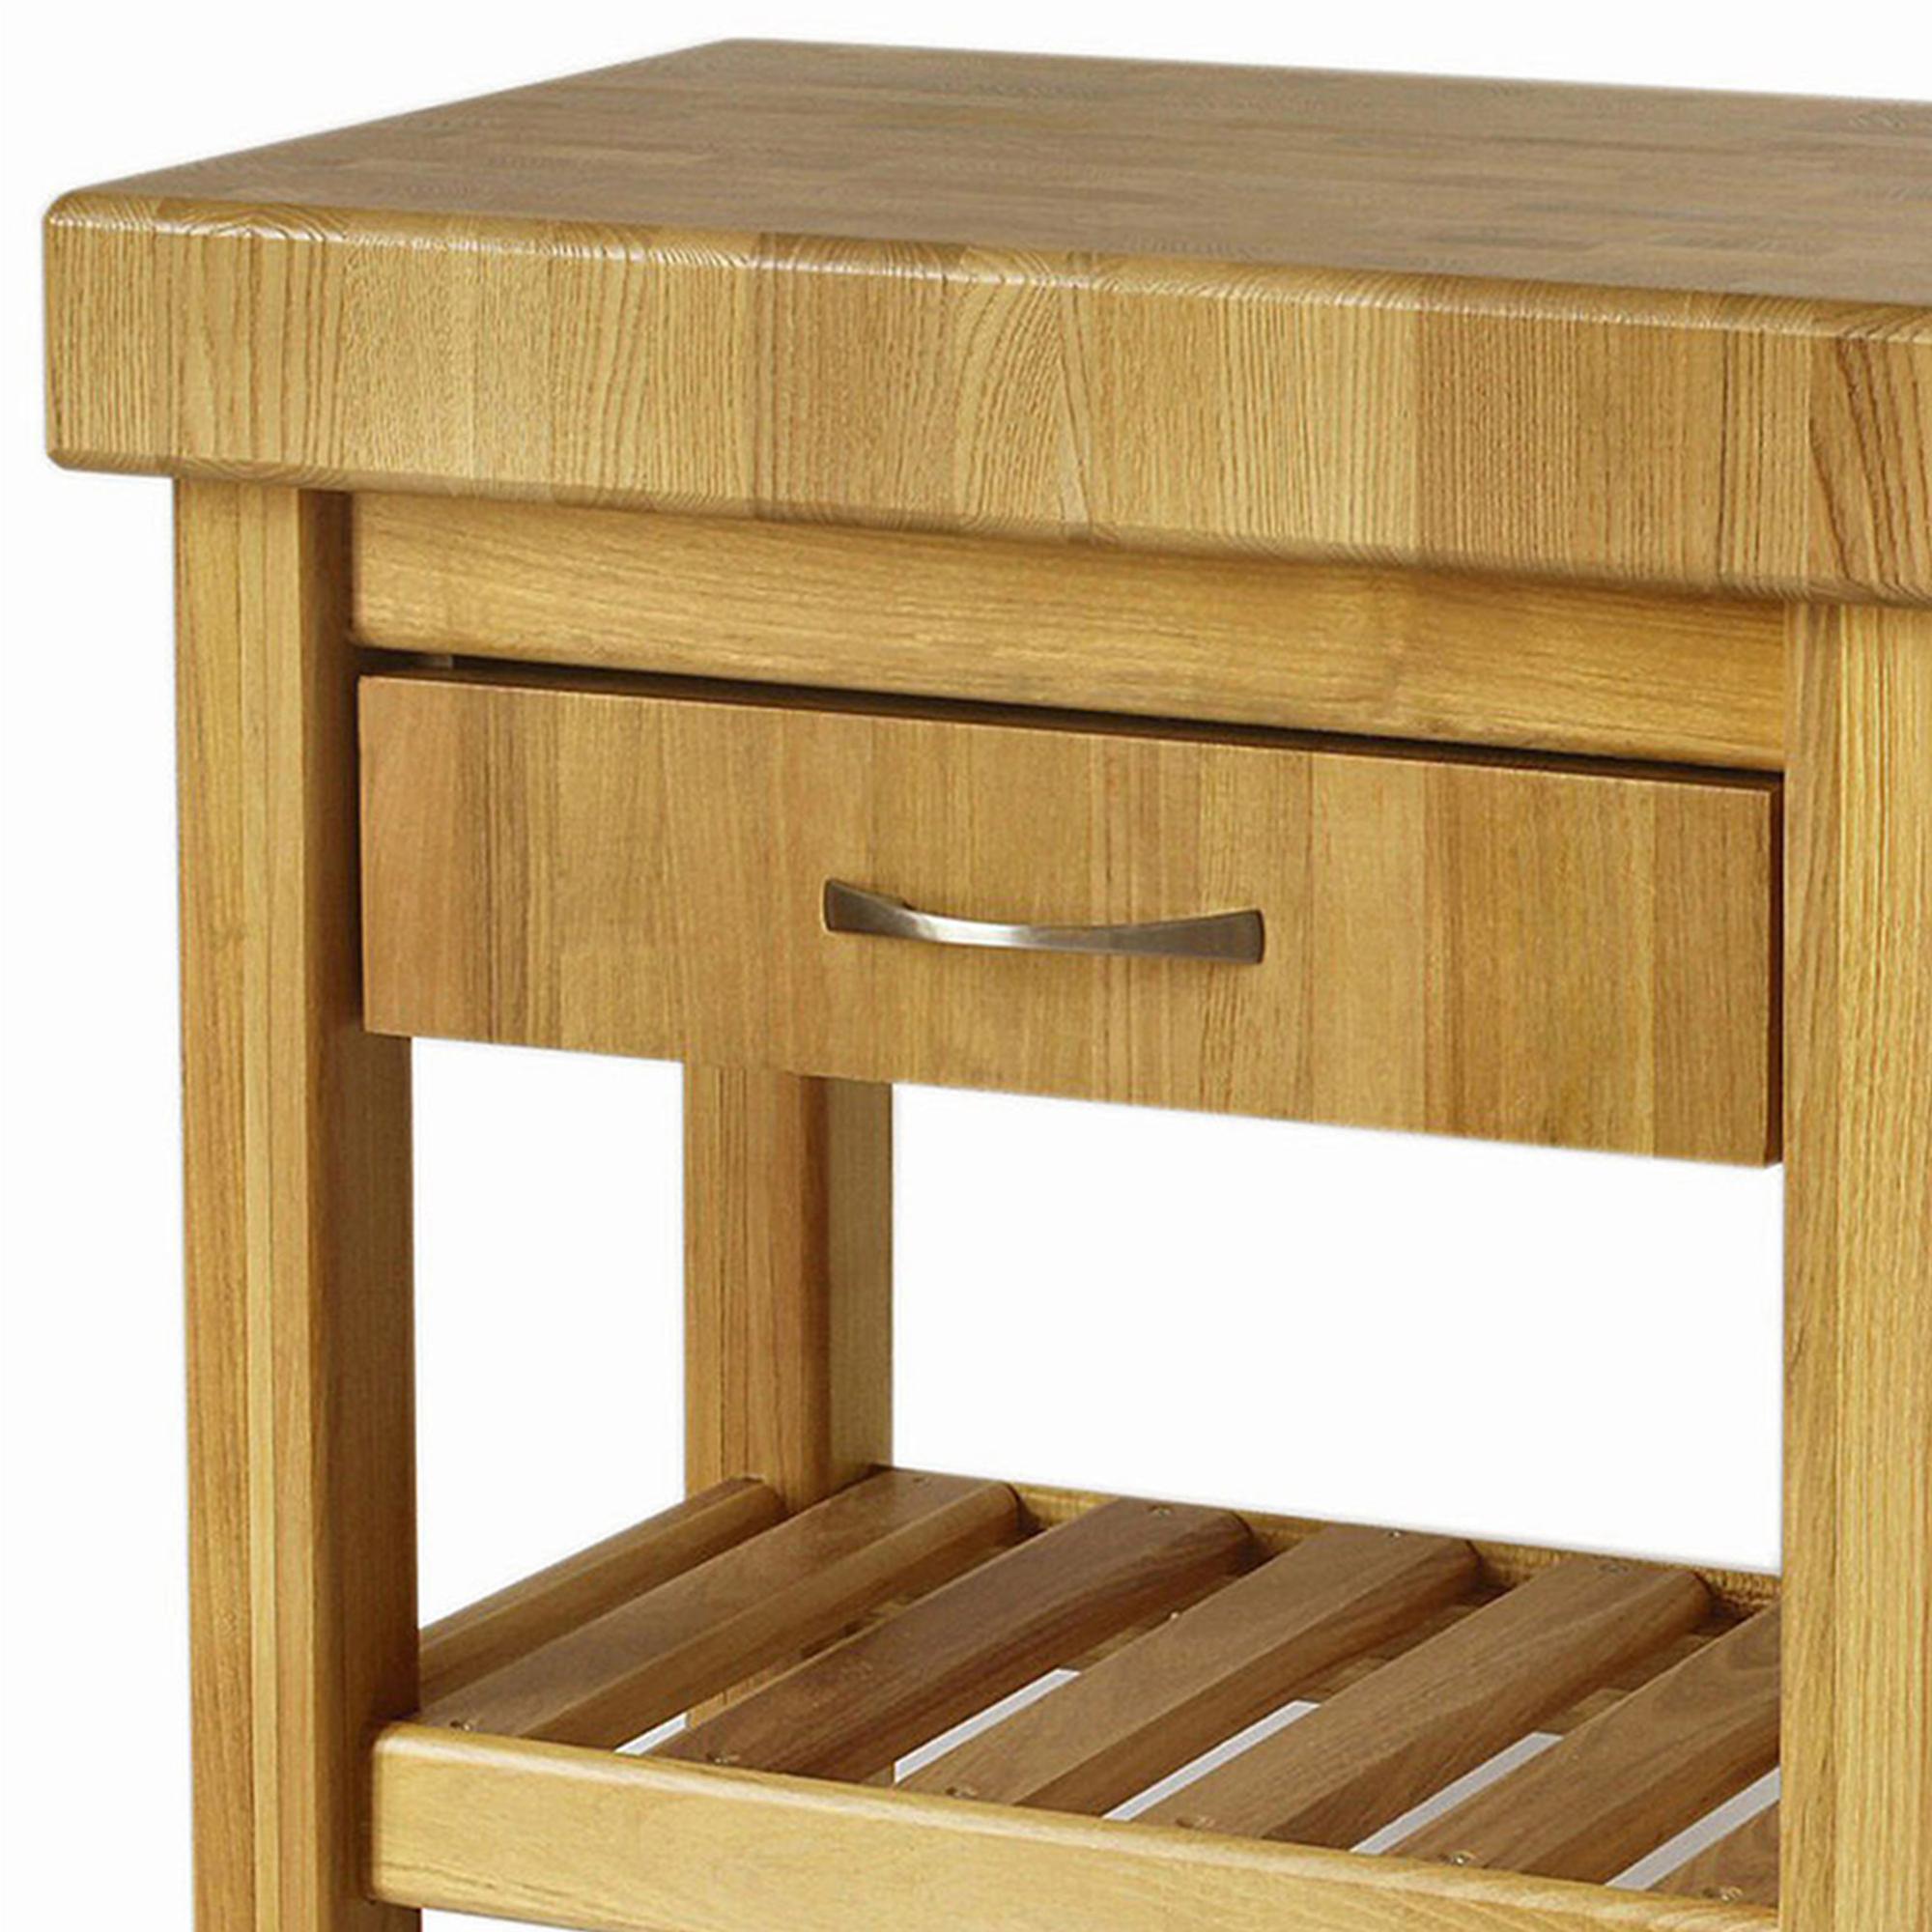 Connu Carrello da cucina in legno massello con cassetto 60x50xh85 cm con  RR66